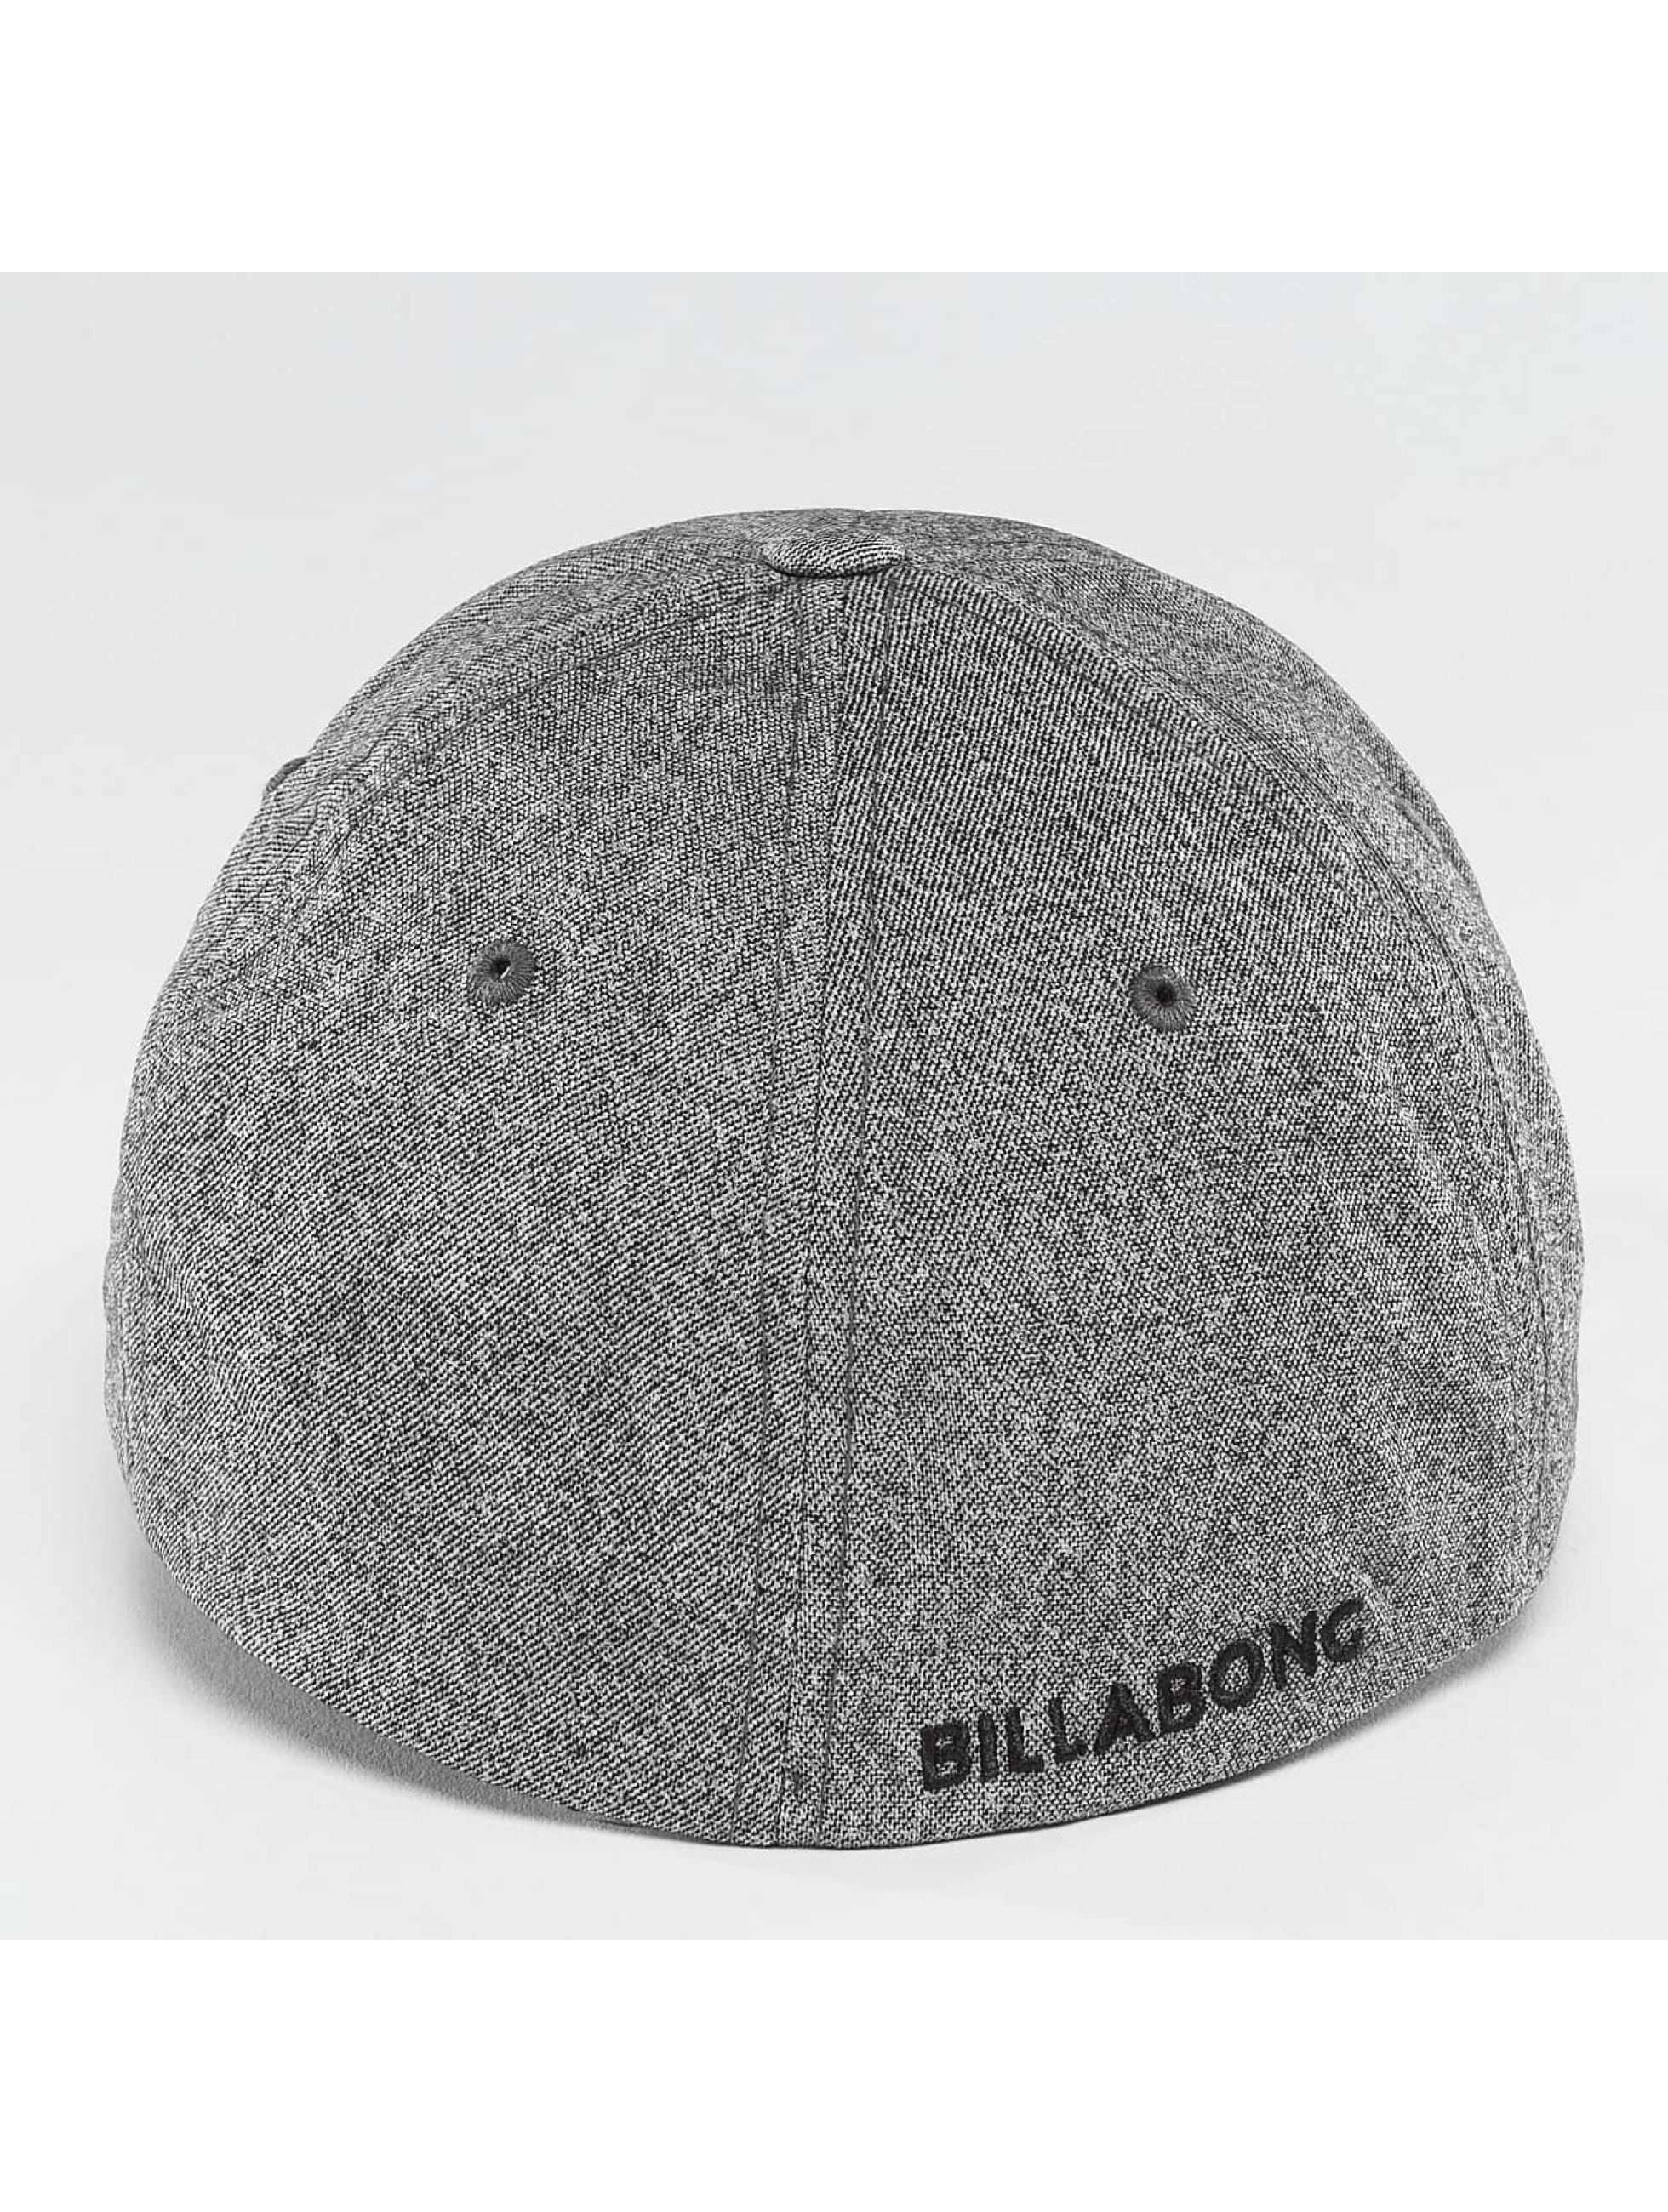 Billabong Flexfitted Cap Station gray